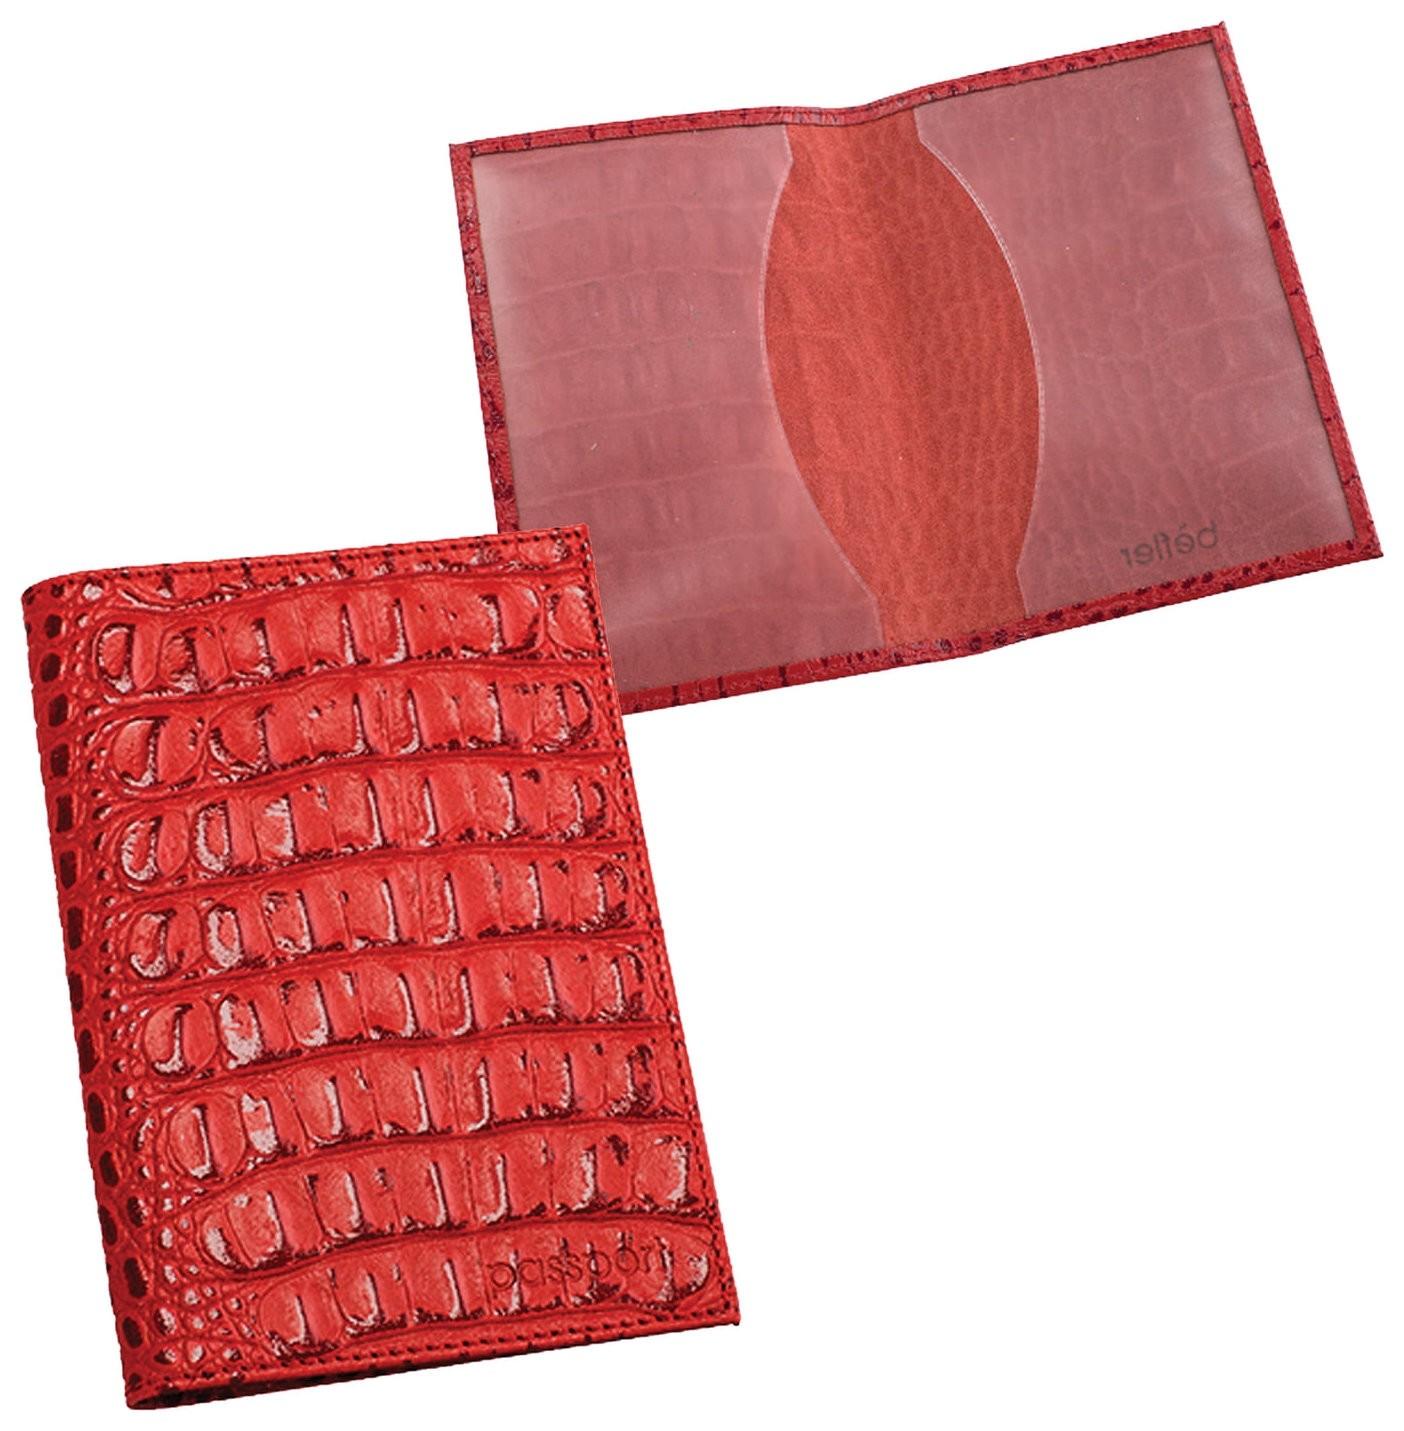 """Обложка для паспорта Befler """"Кайман"""", натуральная кожа, тиснение""""крокодил"""", красная, о.1-13красн  Befler"""